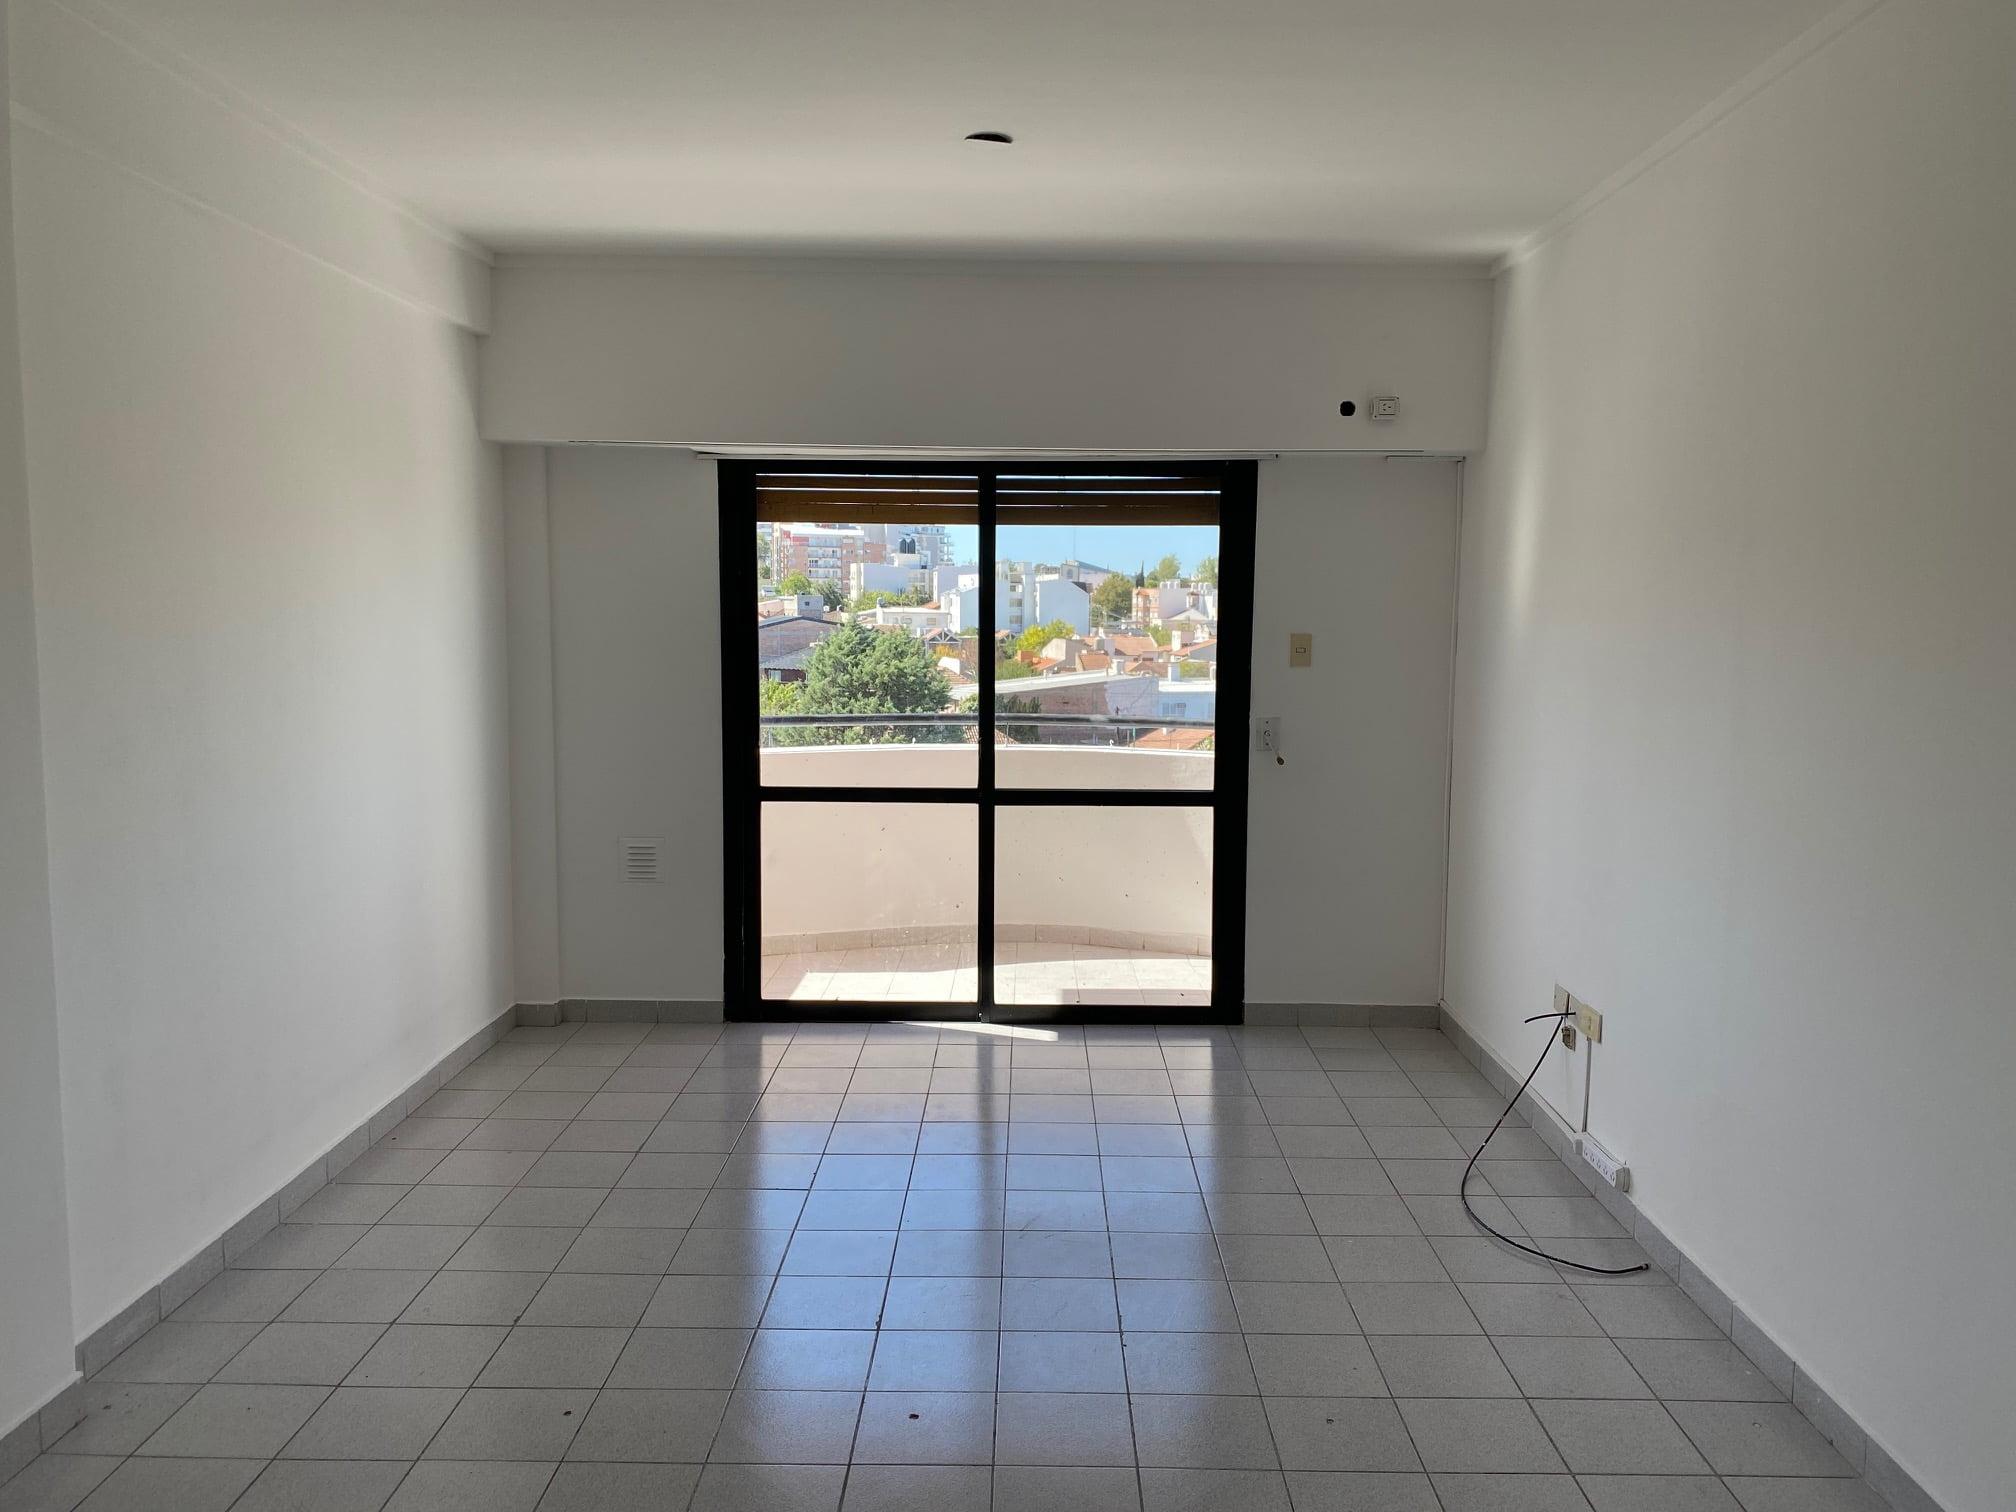 Departamento de 1 dormitorio en Venta, con cochera, Br Santa Genoveva .